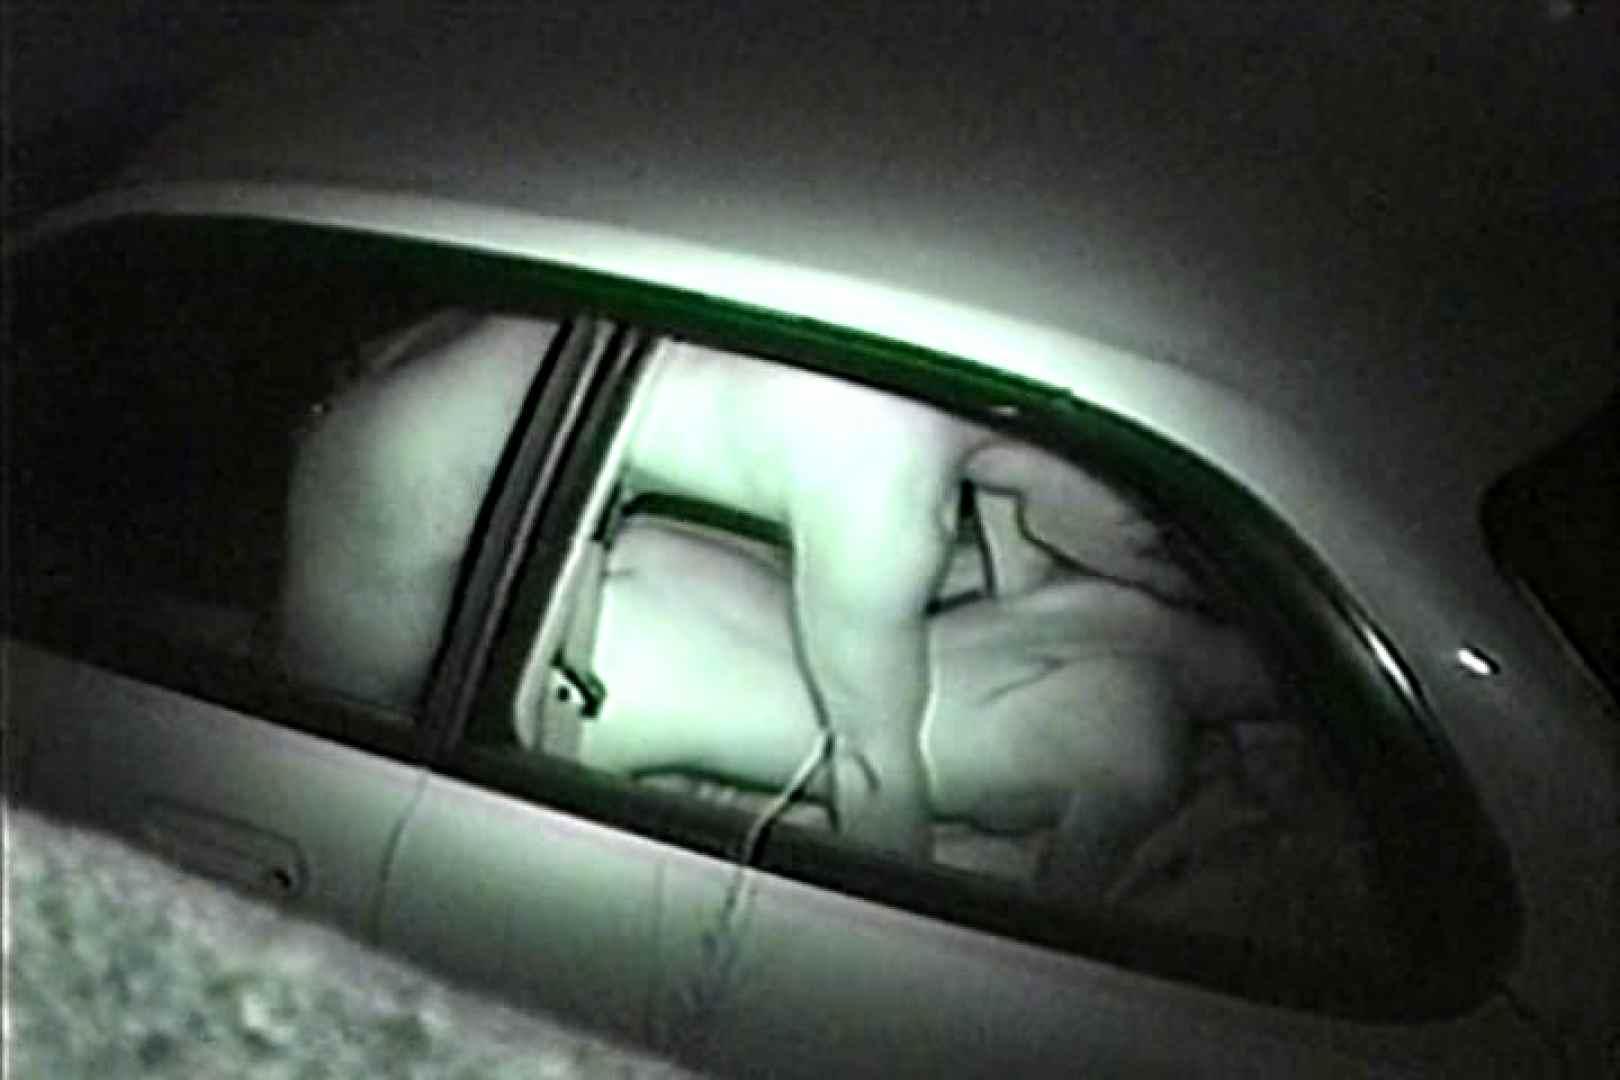 車の中はラブホテル 無修正版  Vol.7 ホテル 盗撮アダルト動画キャプチャ 81画像 6